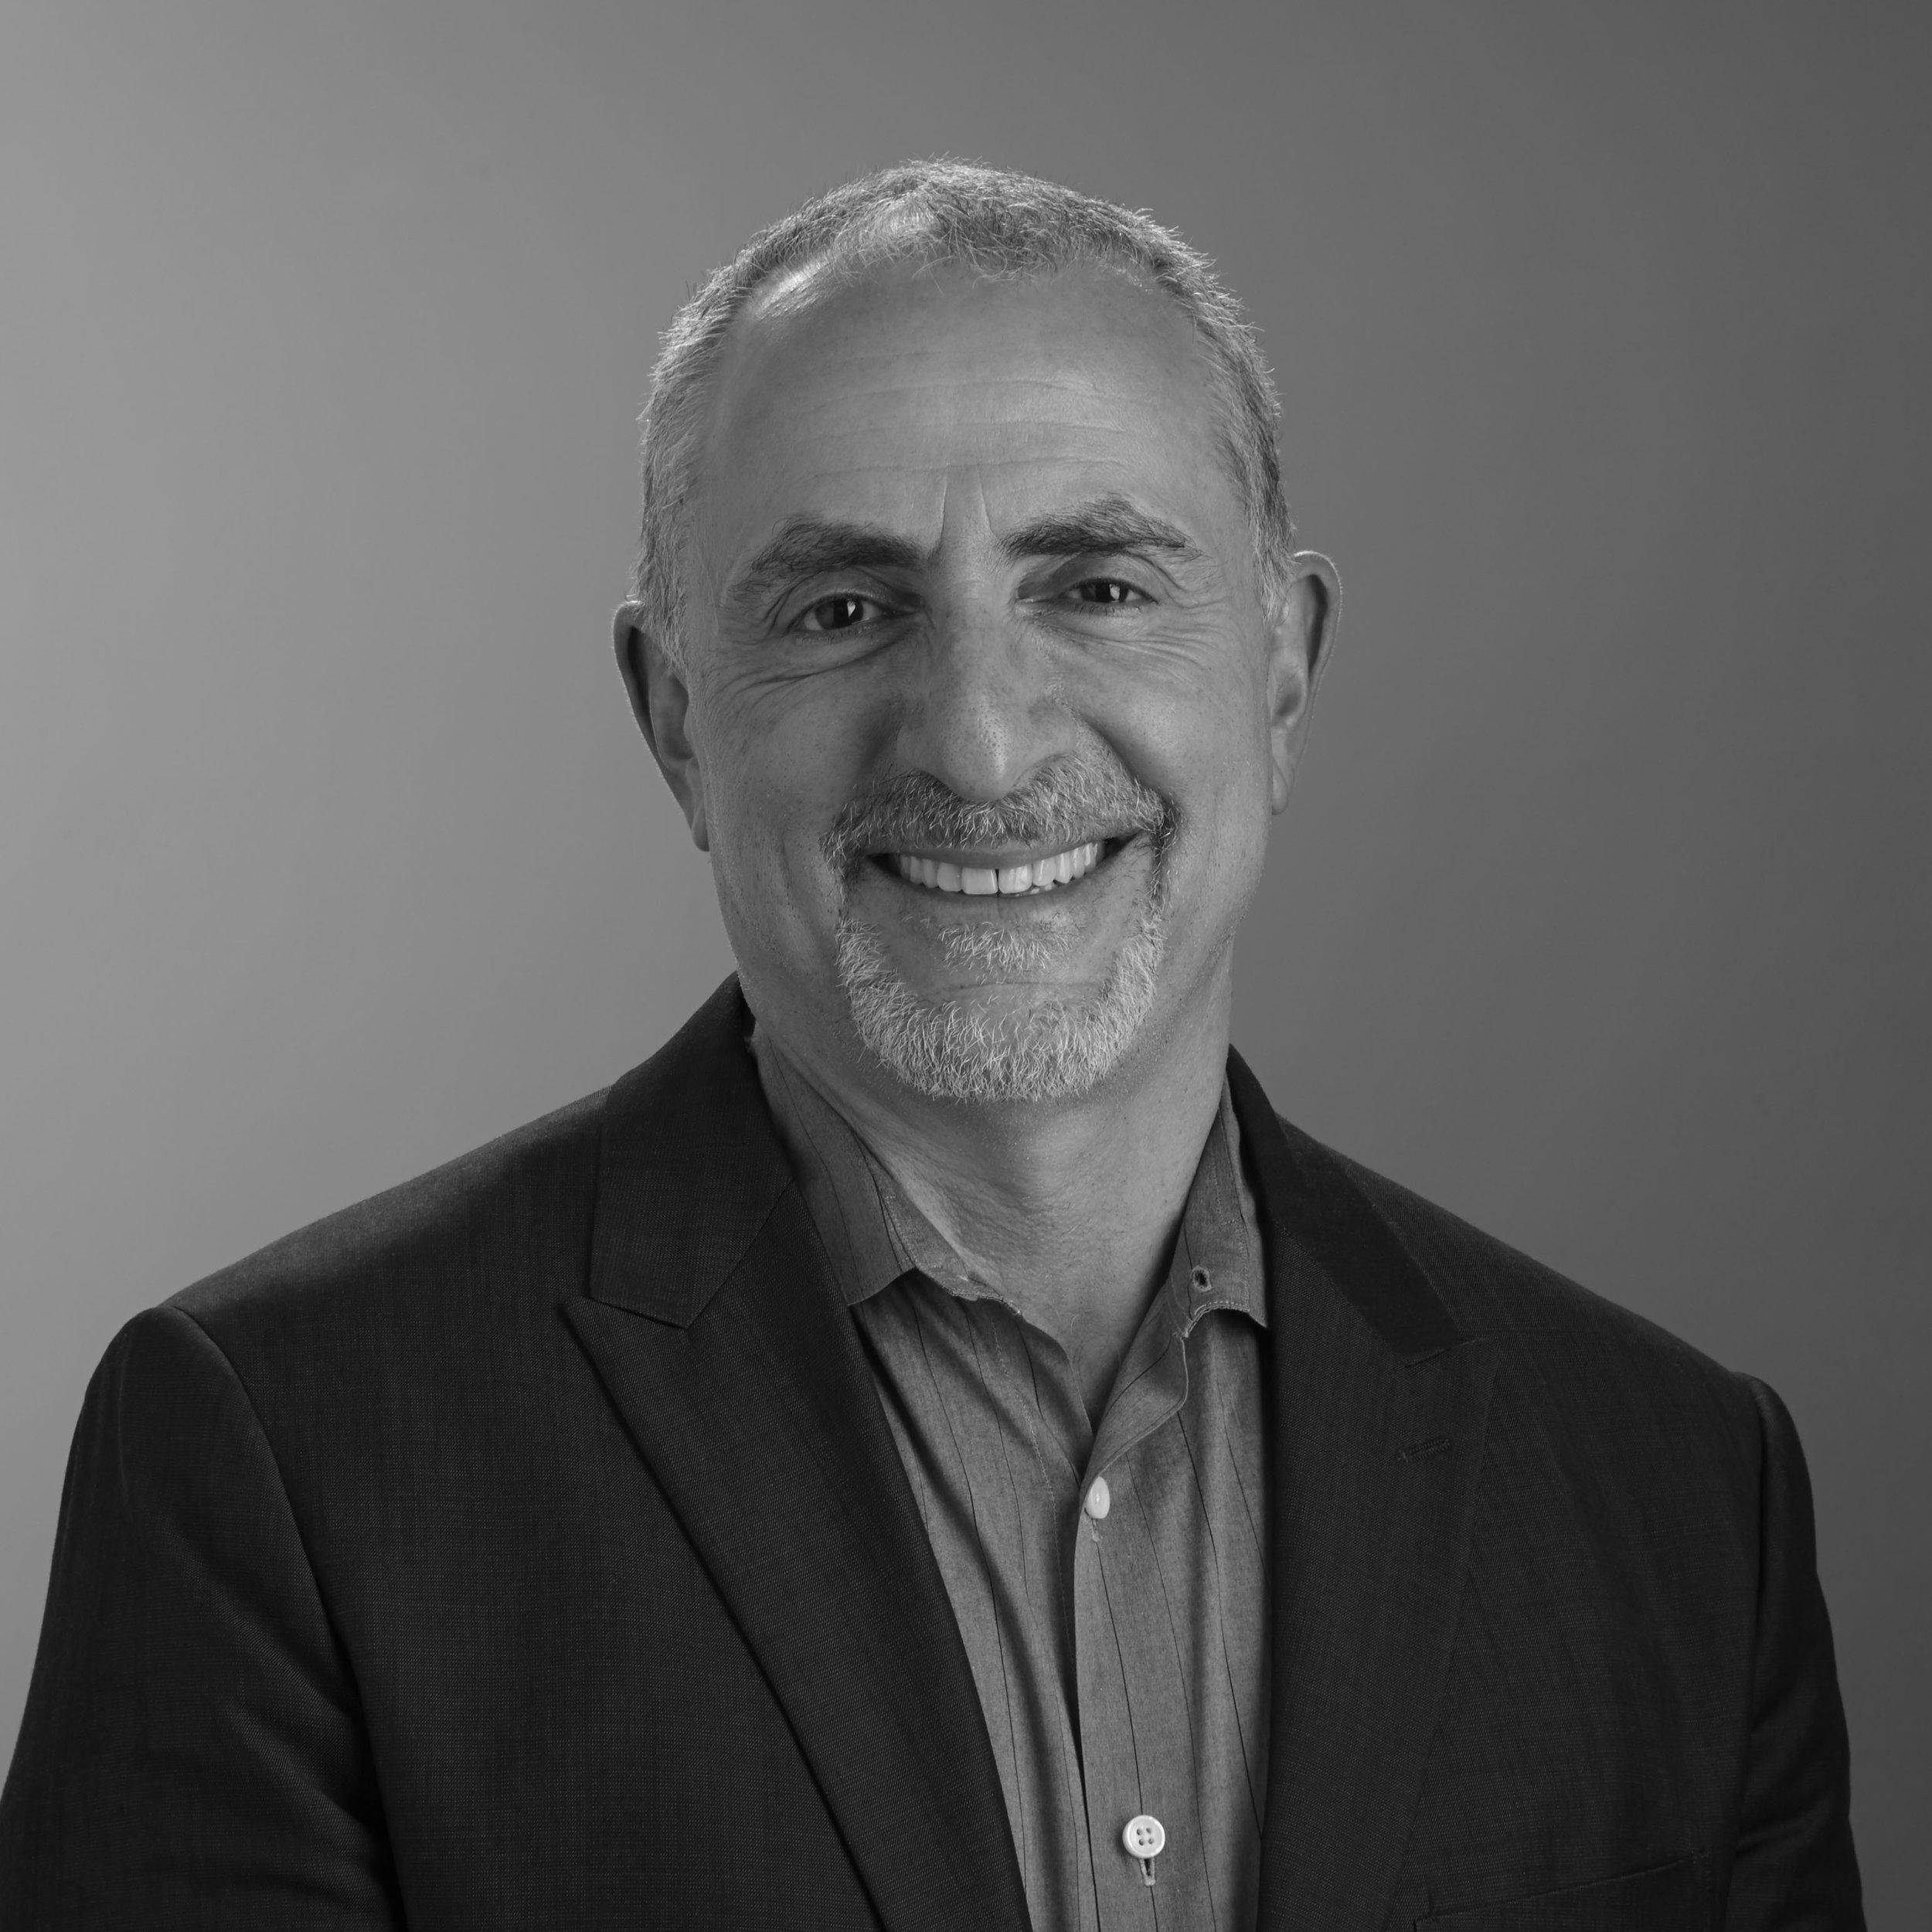 John Rahaim